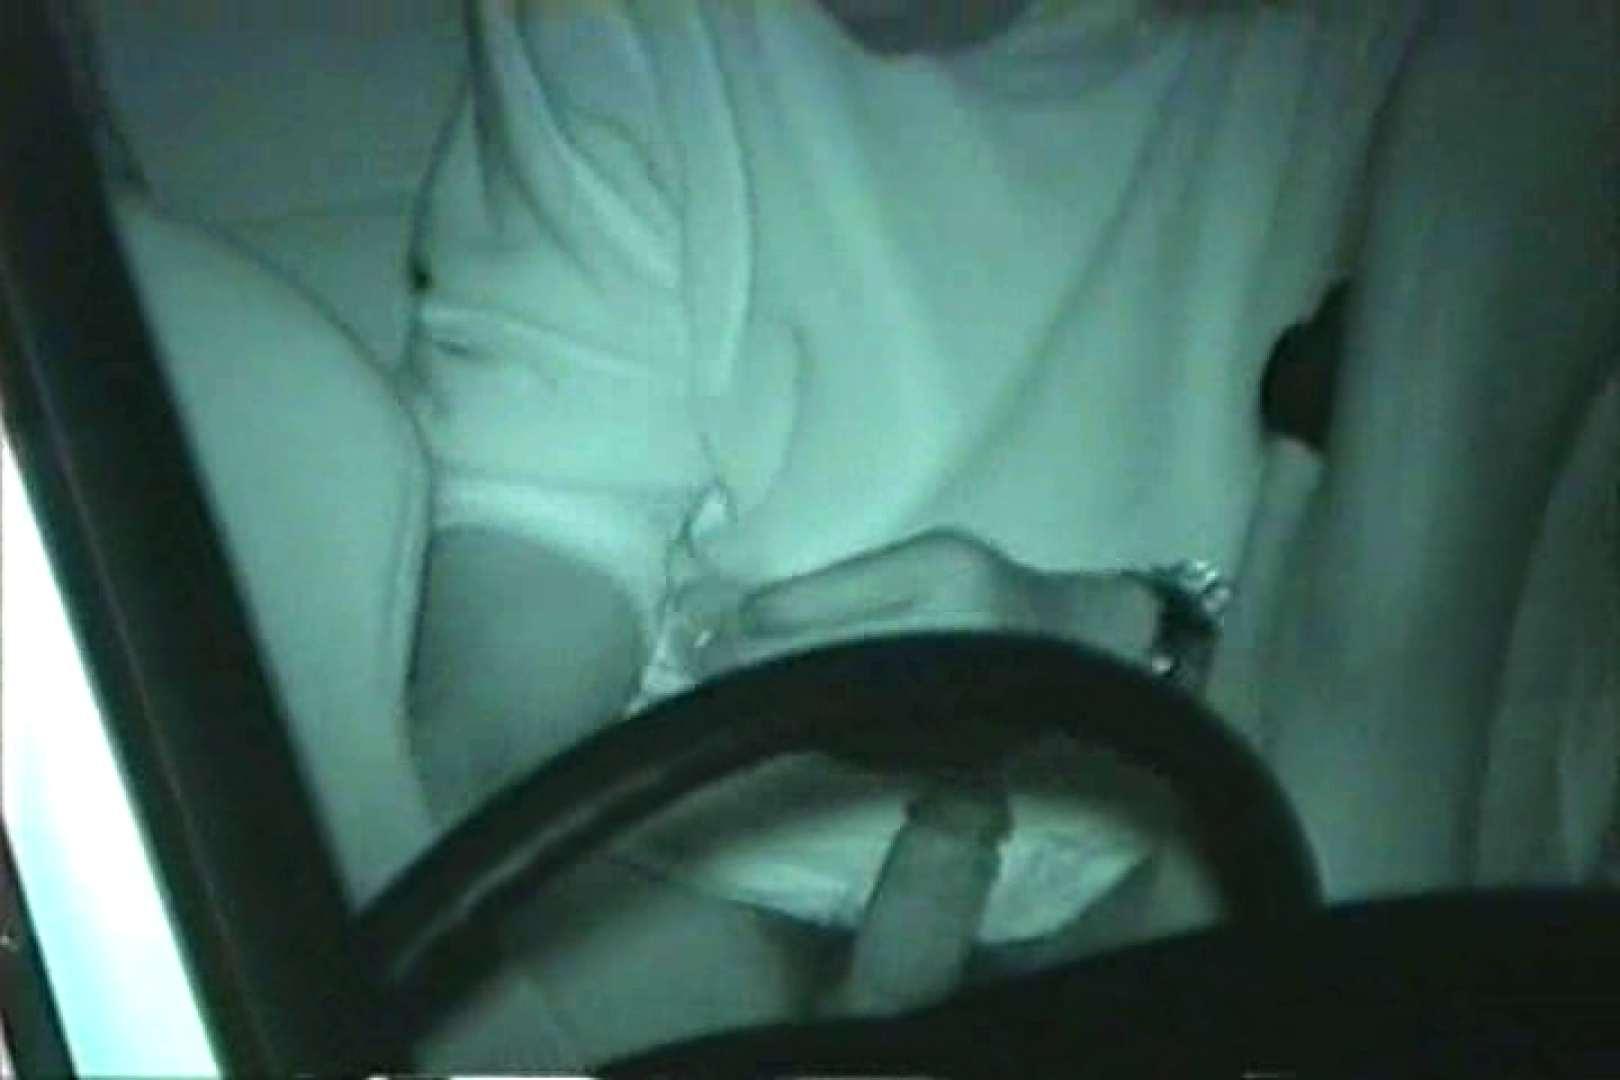 車の中はラブホテル 無修正版  Vol.27 セックス オメコ無修正動画無料 91画像 84